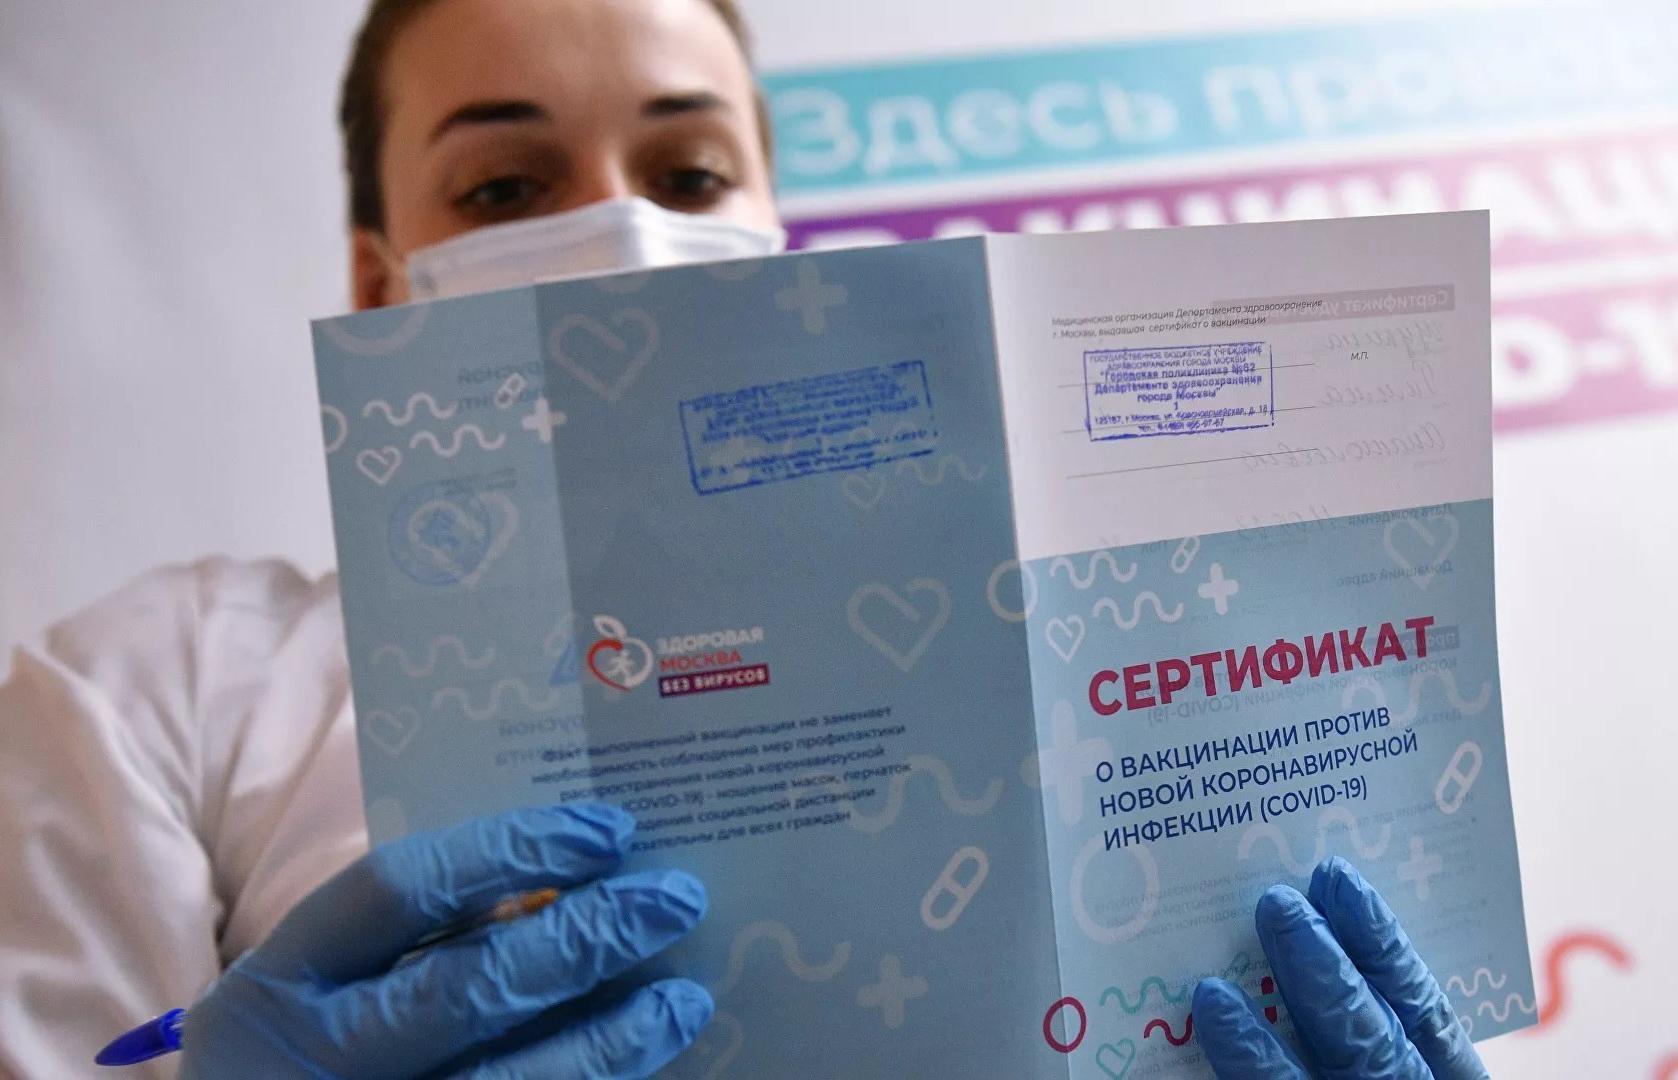 Жителям Тверской области напомнили о сроках за поддельные ковид-сертификаты - новости Афанасий